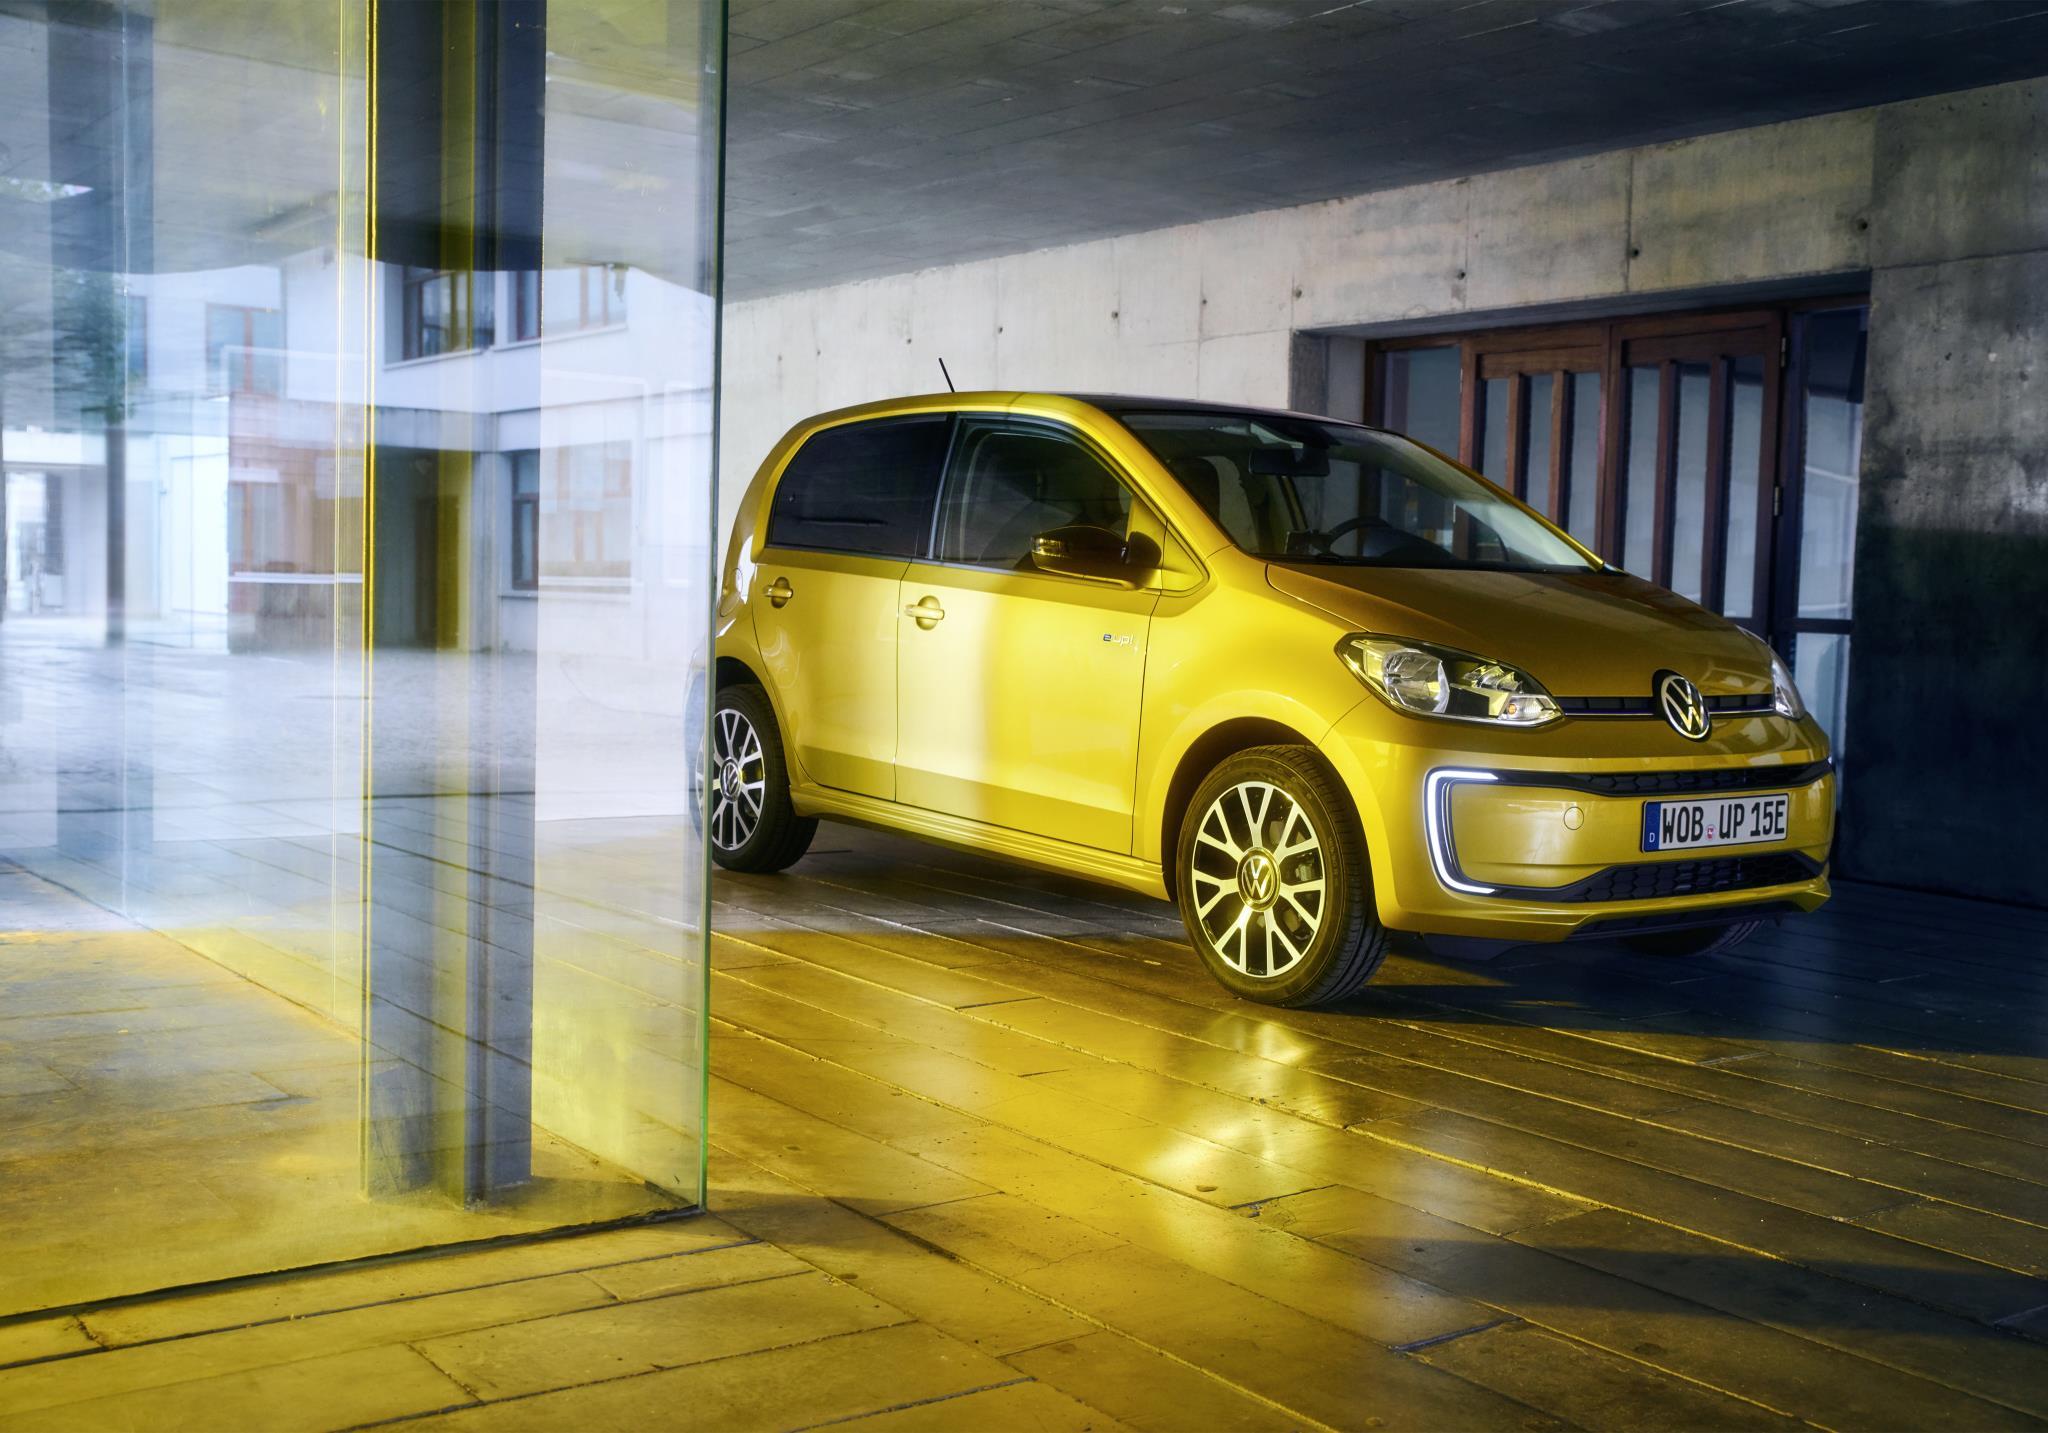 Bright yellow metalli Volkswagen e-up!